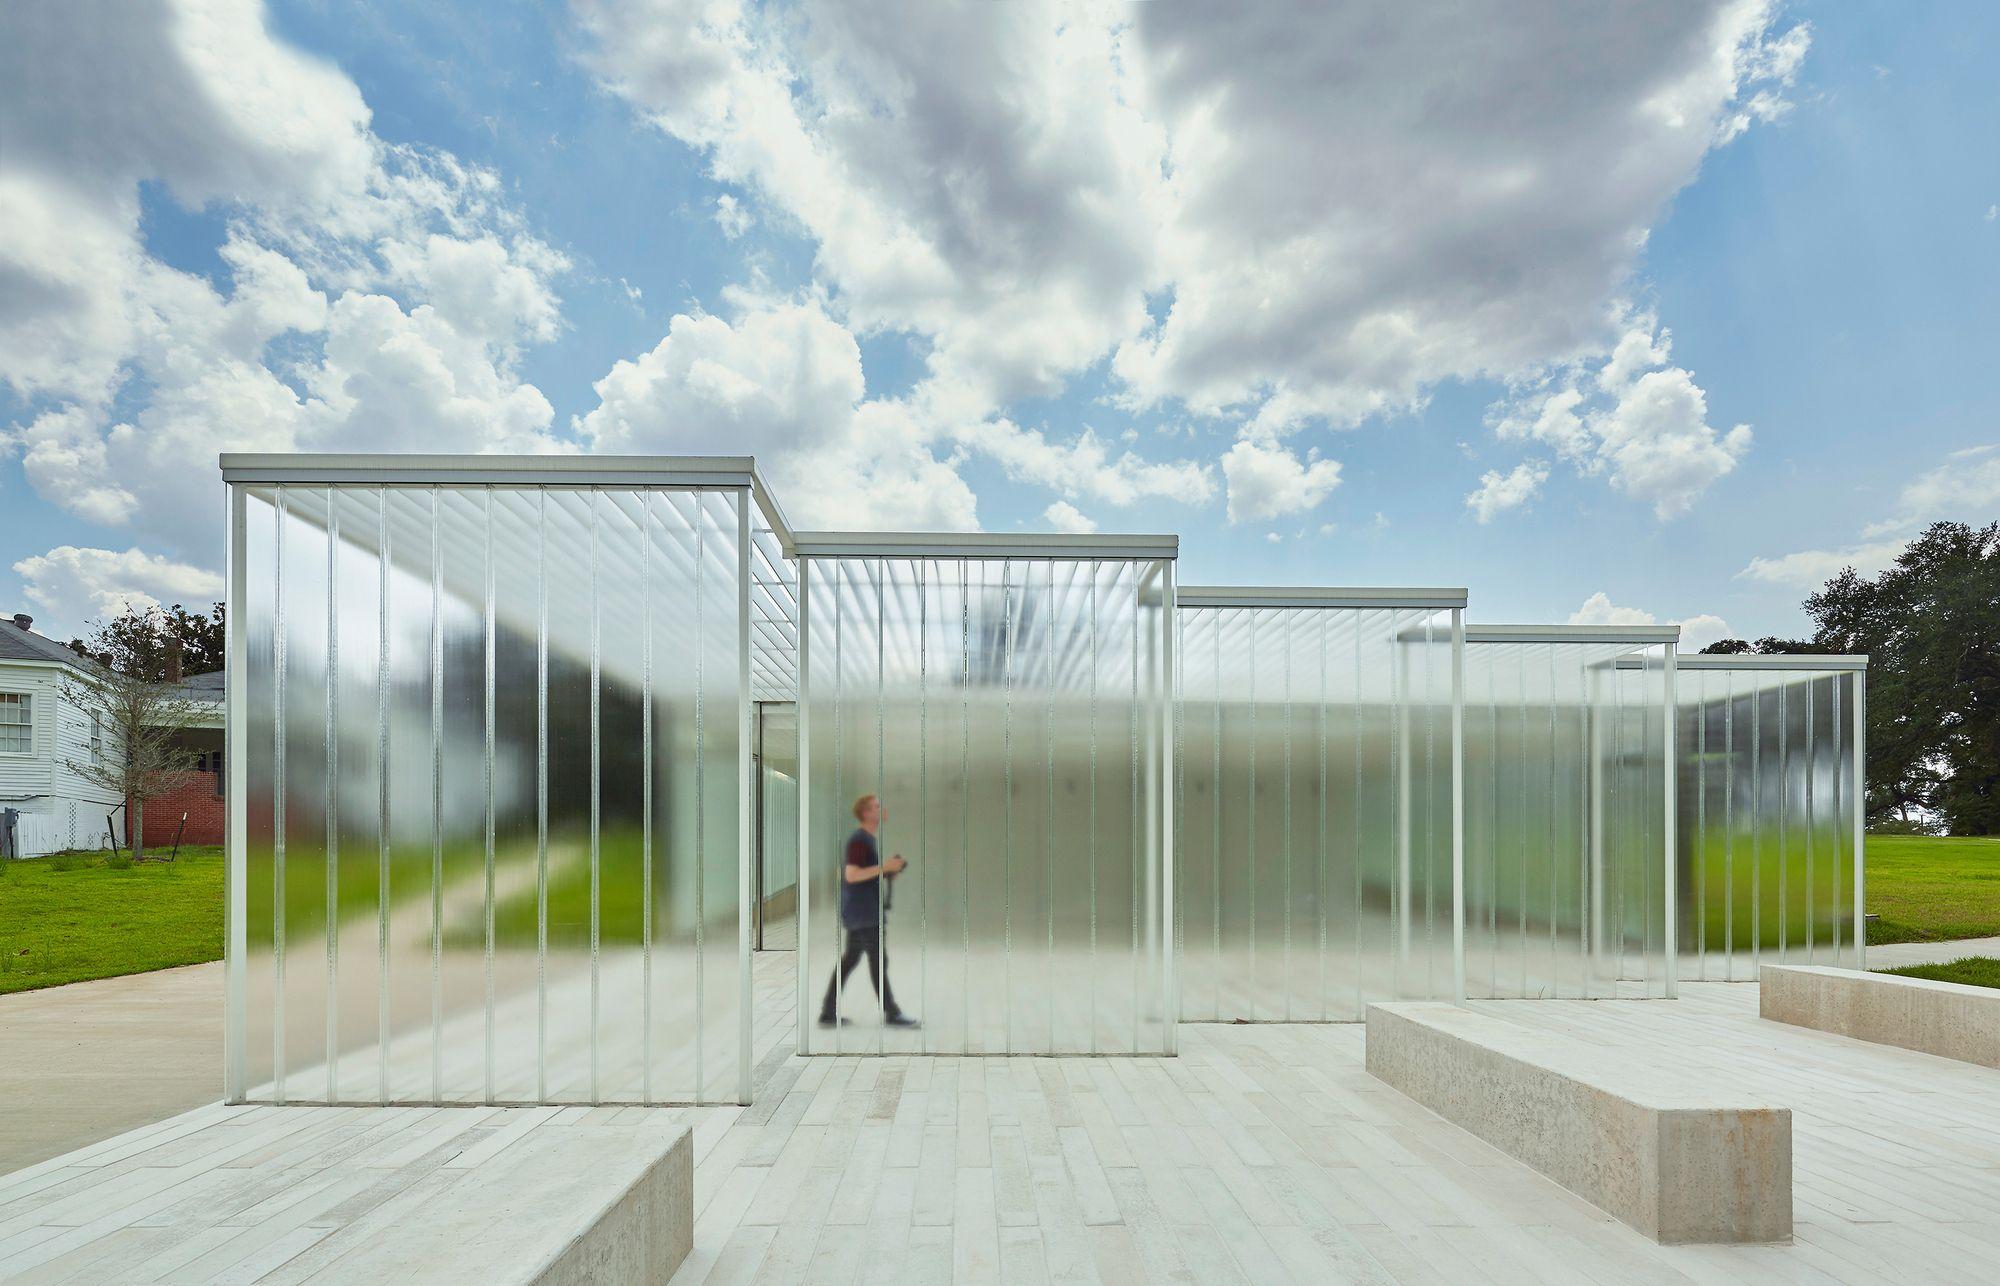 De Visitantes Magnolia Mound Trahan Architects # Muebles Sequeira Plasencia